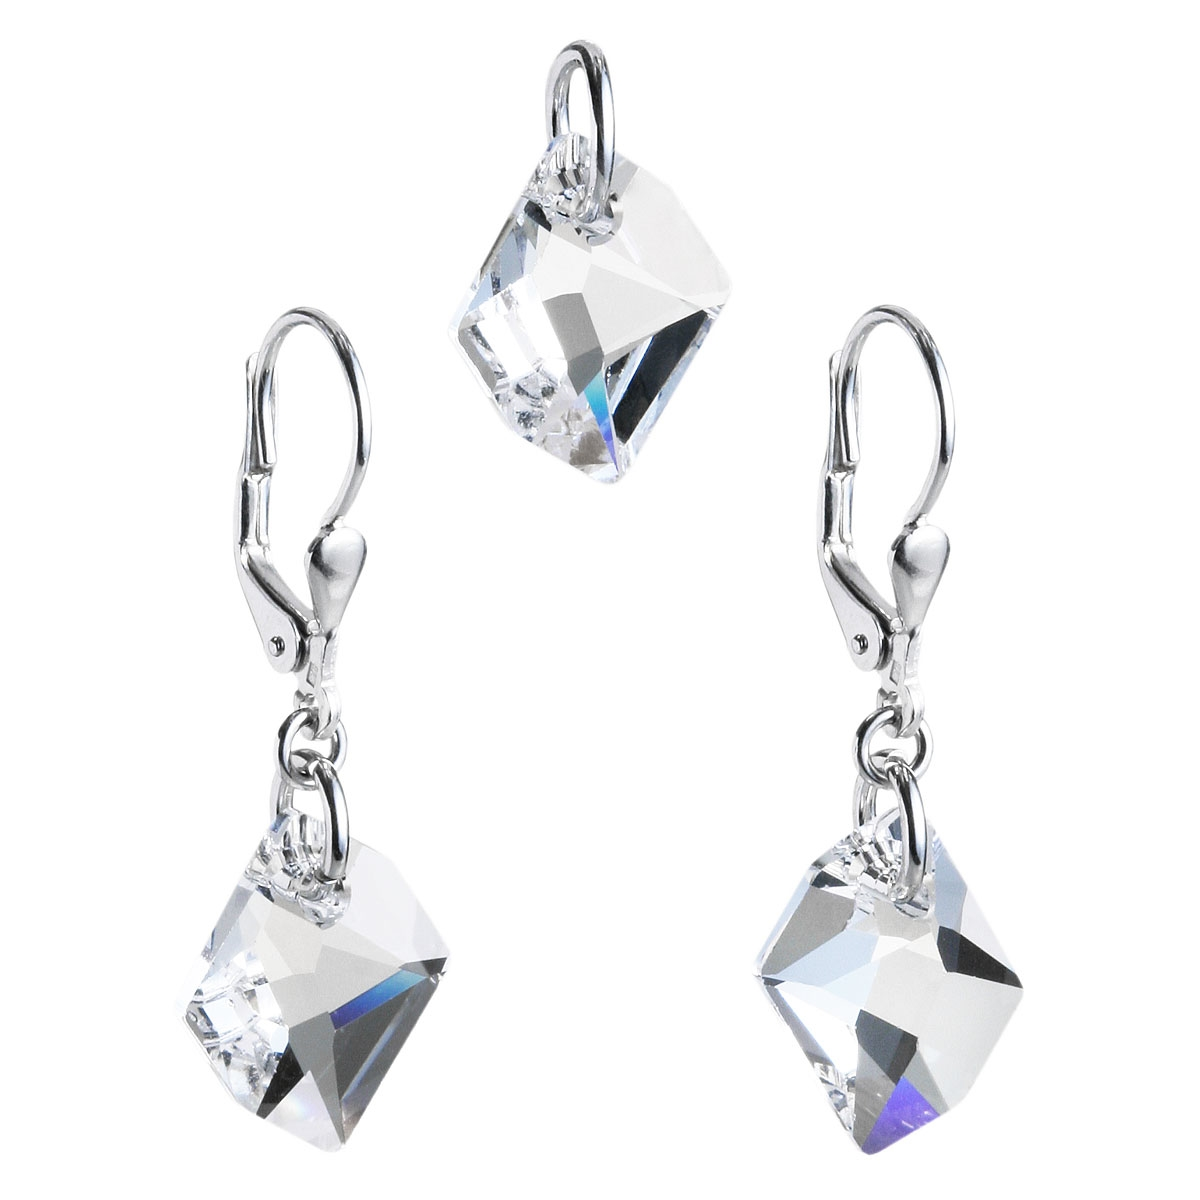 Sada šperkov s kameňmi Crystals from Swarovski ® Crystal